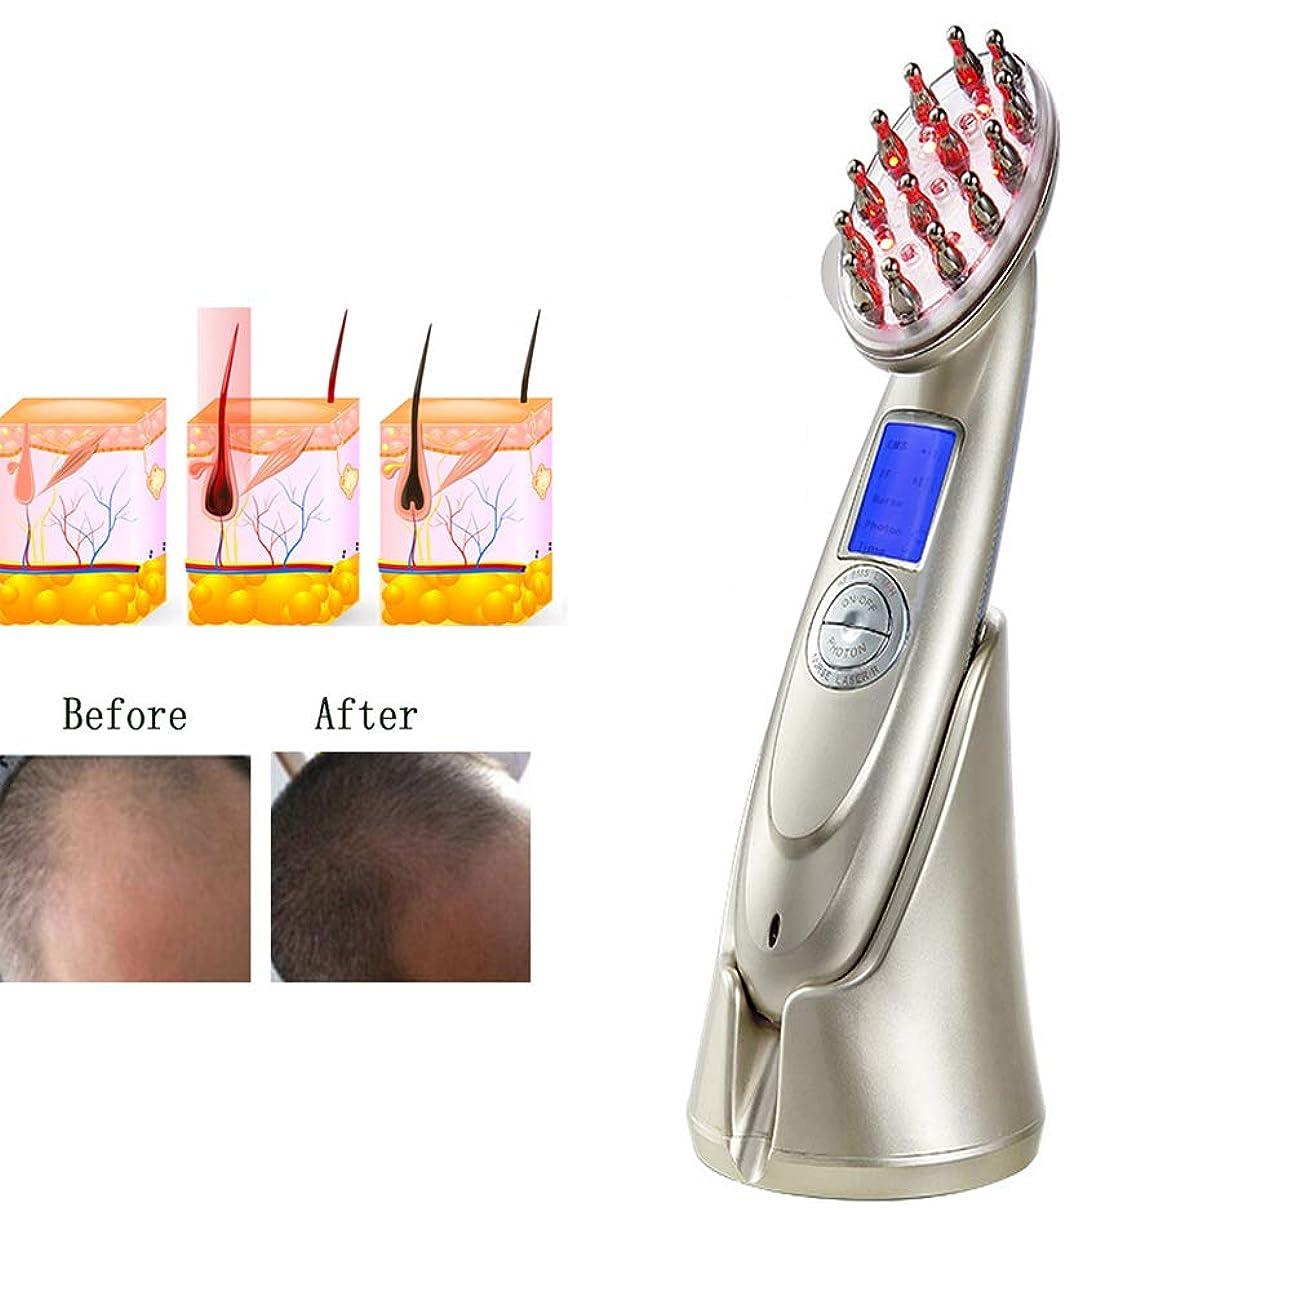 法廷デコレーション浮くプロの電気髪の成長レーザー櫛 RF EMS LED 光子光療法ブラシ抗脱毛治療マッサージの健康胚ブラシをアップグレードします。